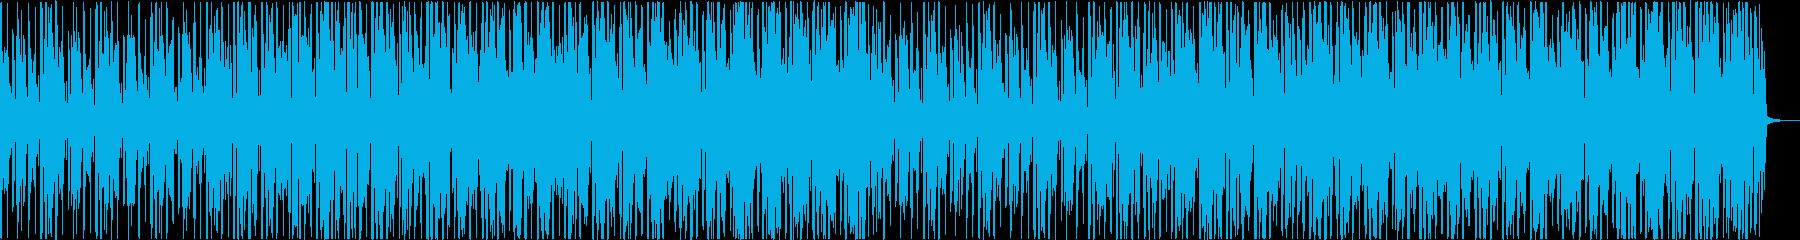 ギターとサックスが渋いAcid Jazzの再生済みの波形